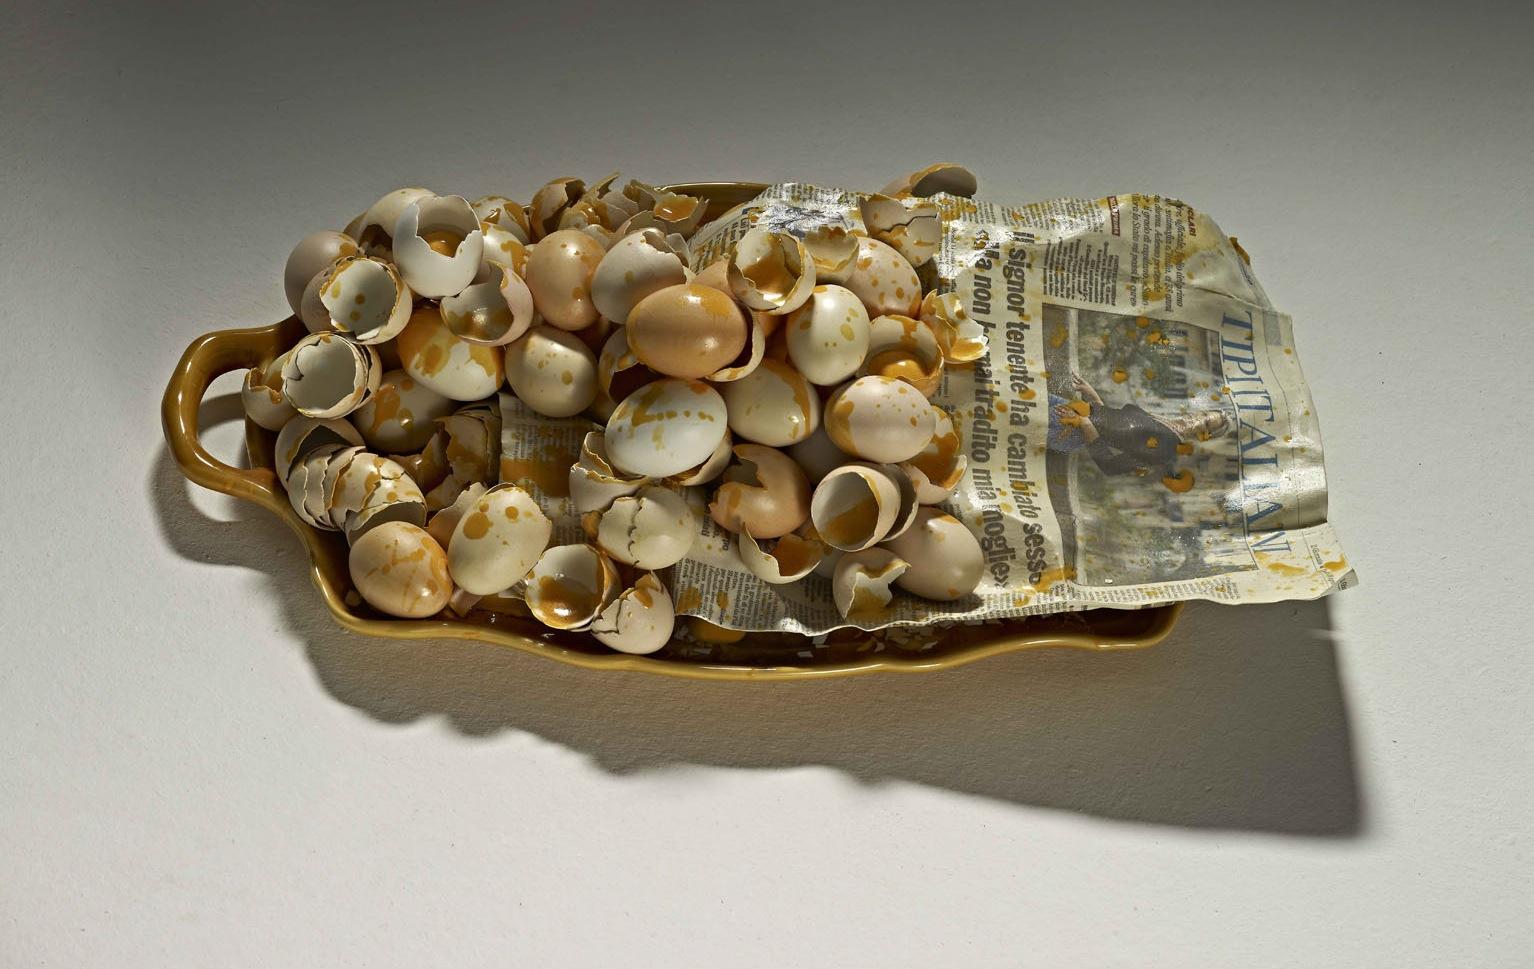 Bertozzi & Casoni, Vassoio, 2010, ceramica policroma, cm 18x35x61, collezione privata, Londra